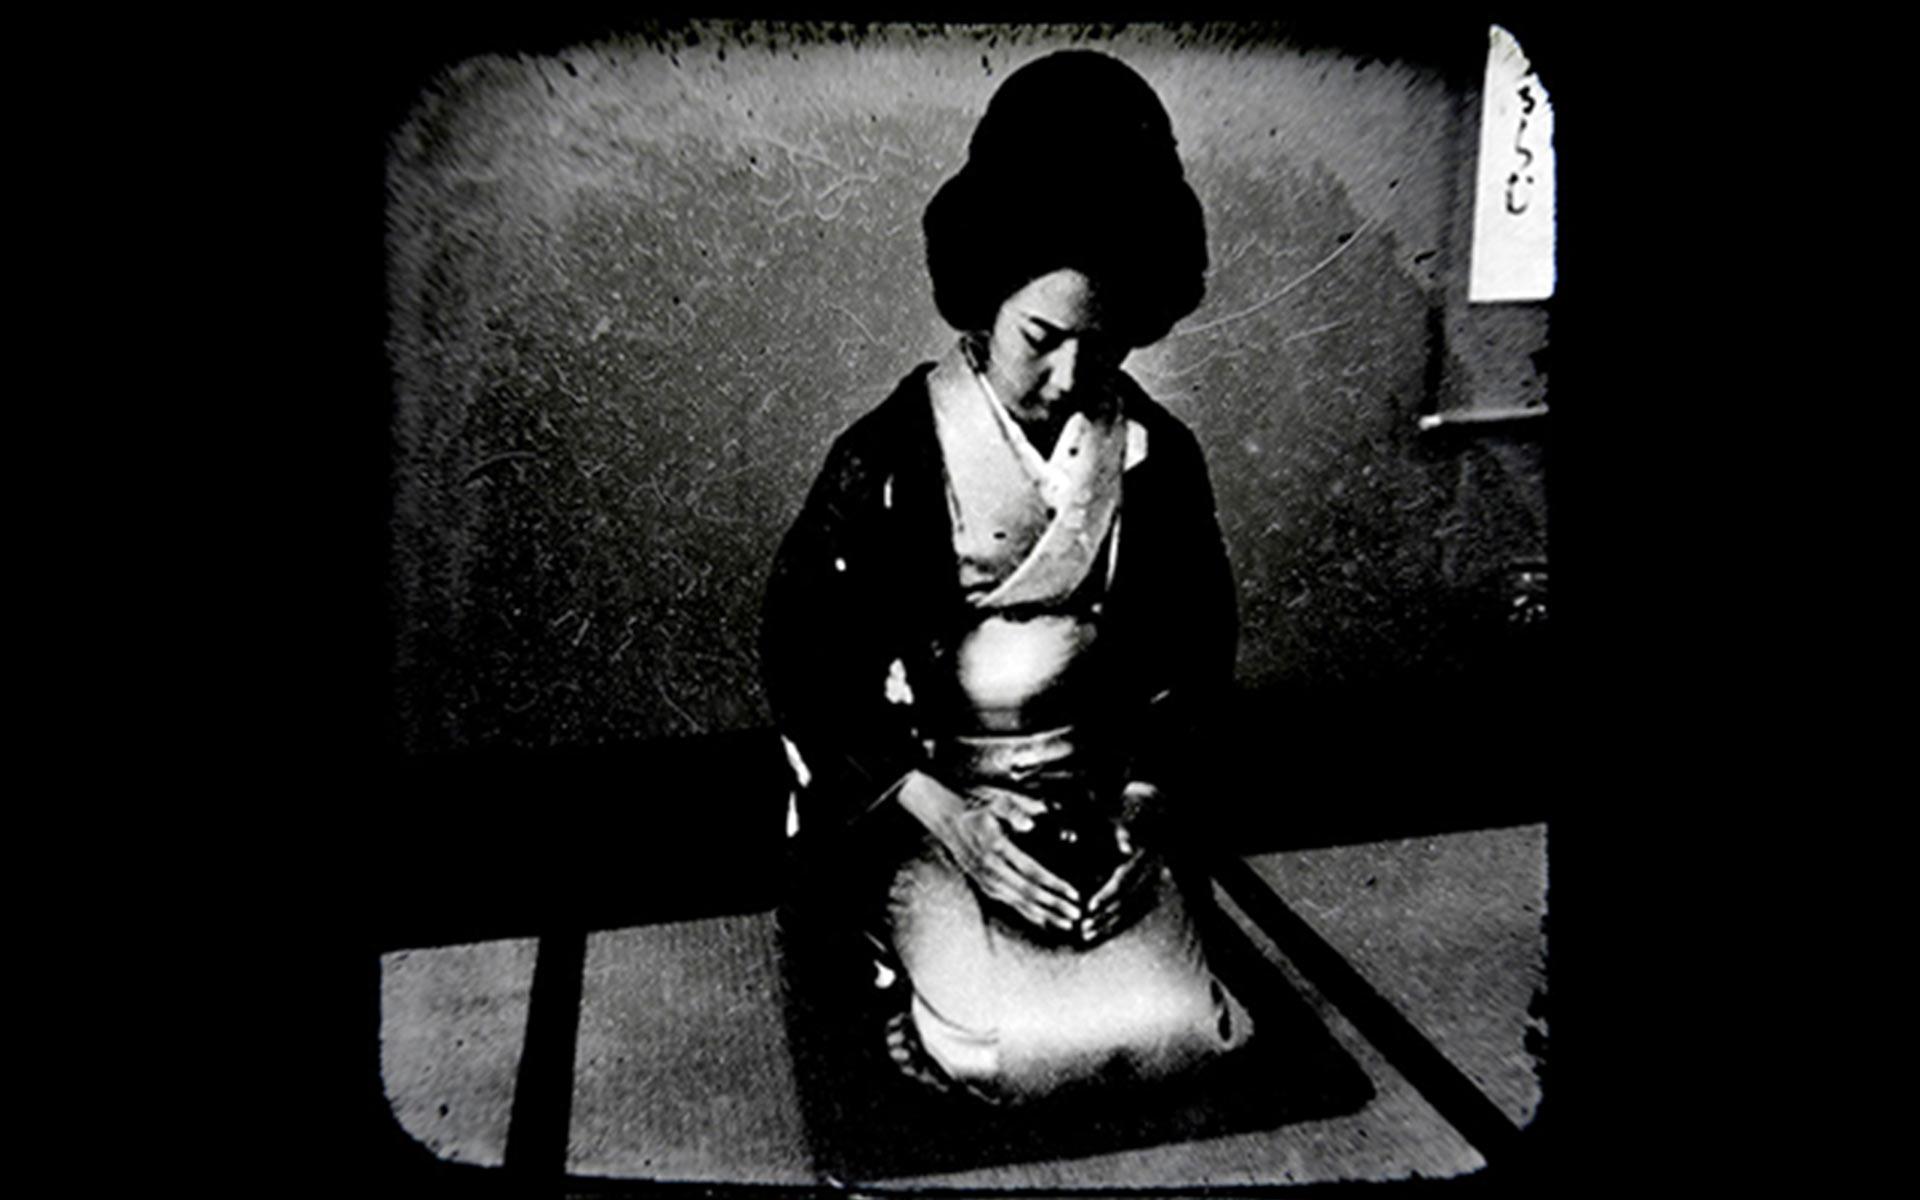 「心霊マスターテープ2~念写~」に家賃の安い部屋が登場!12/12(土)エンタメ〜テレにて放送開始!